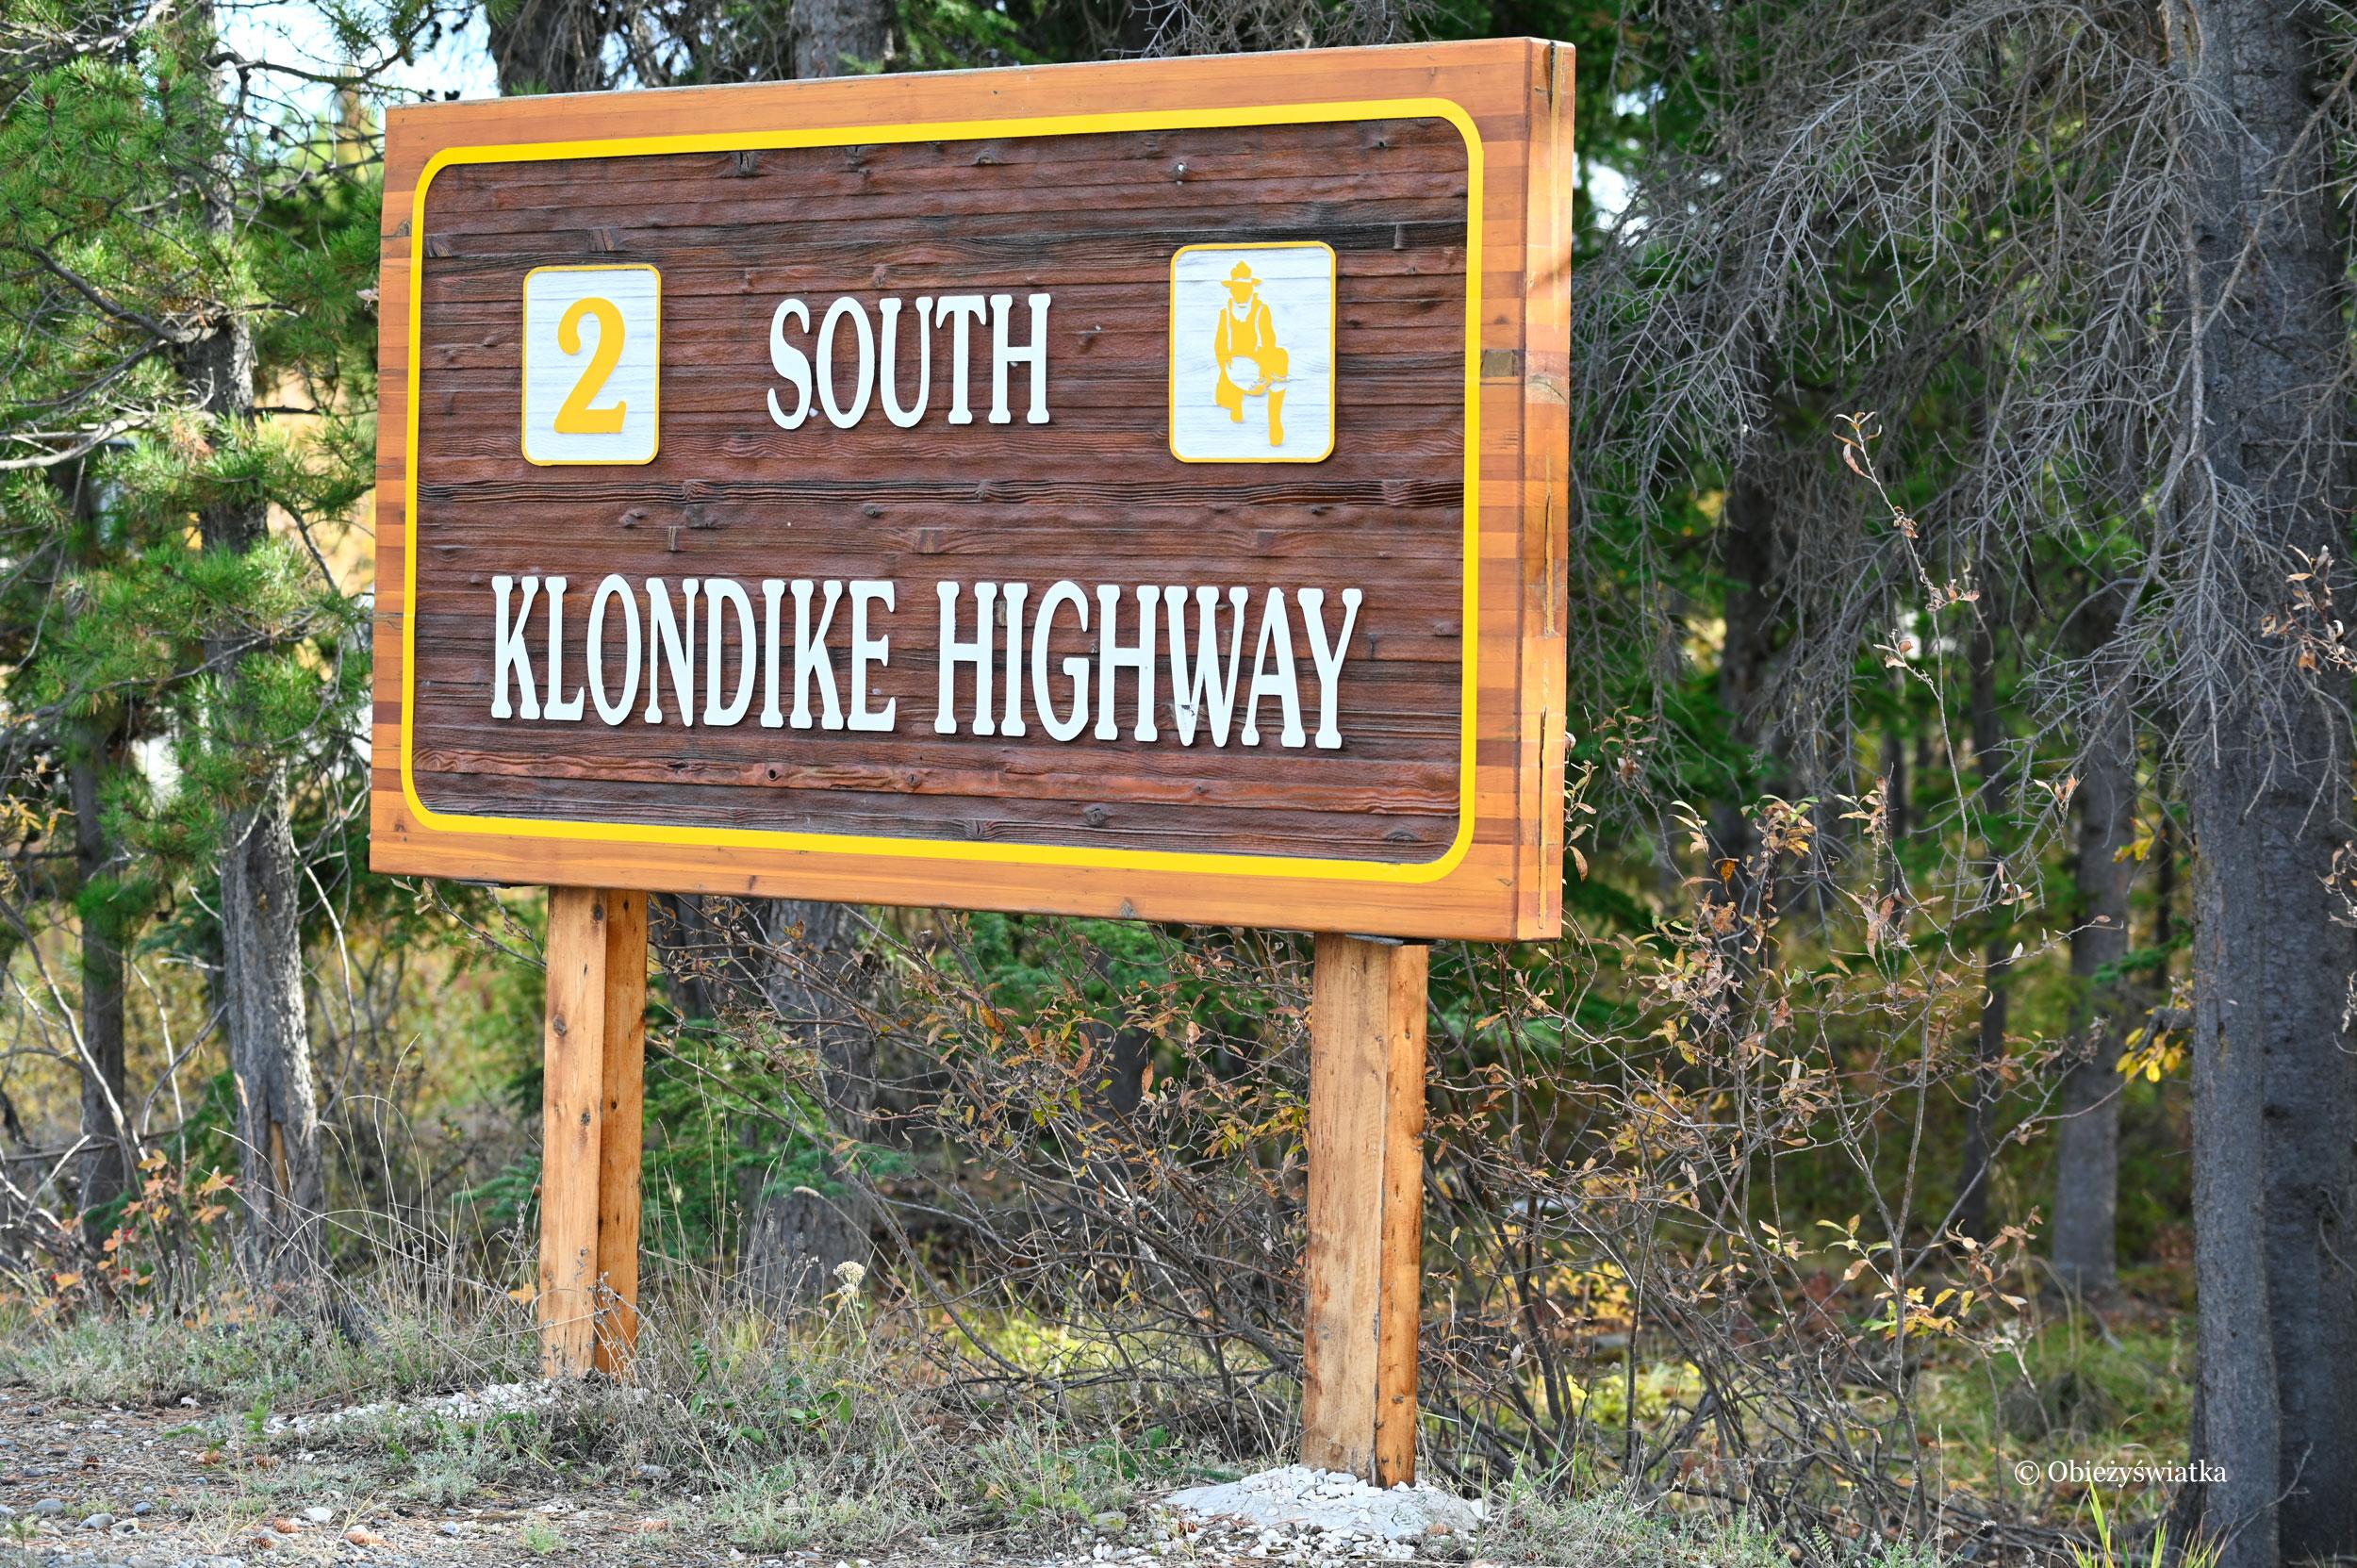 South Klondike Highway - szyld drogowy, Kanada